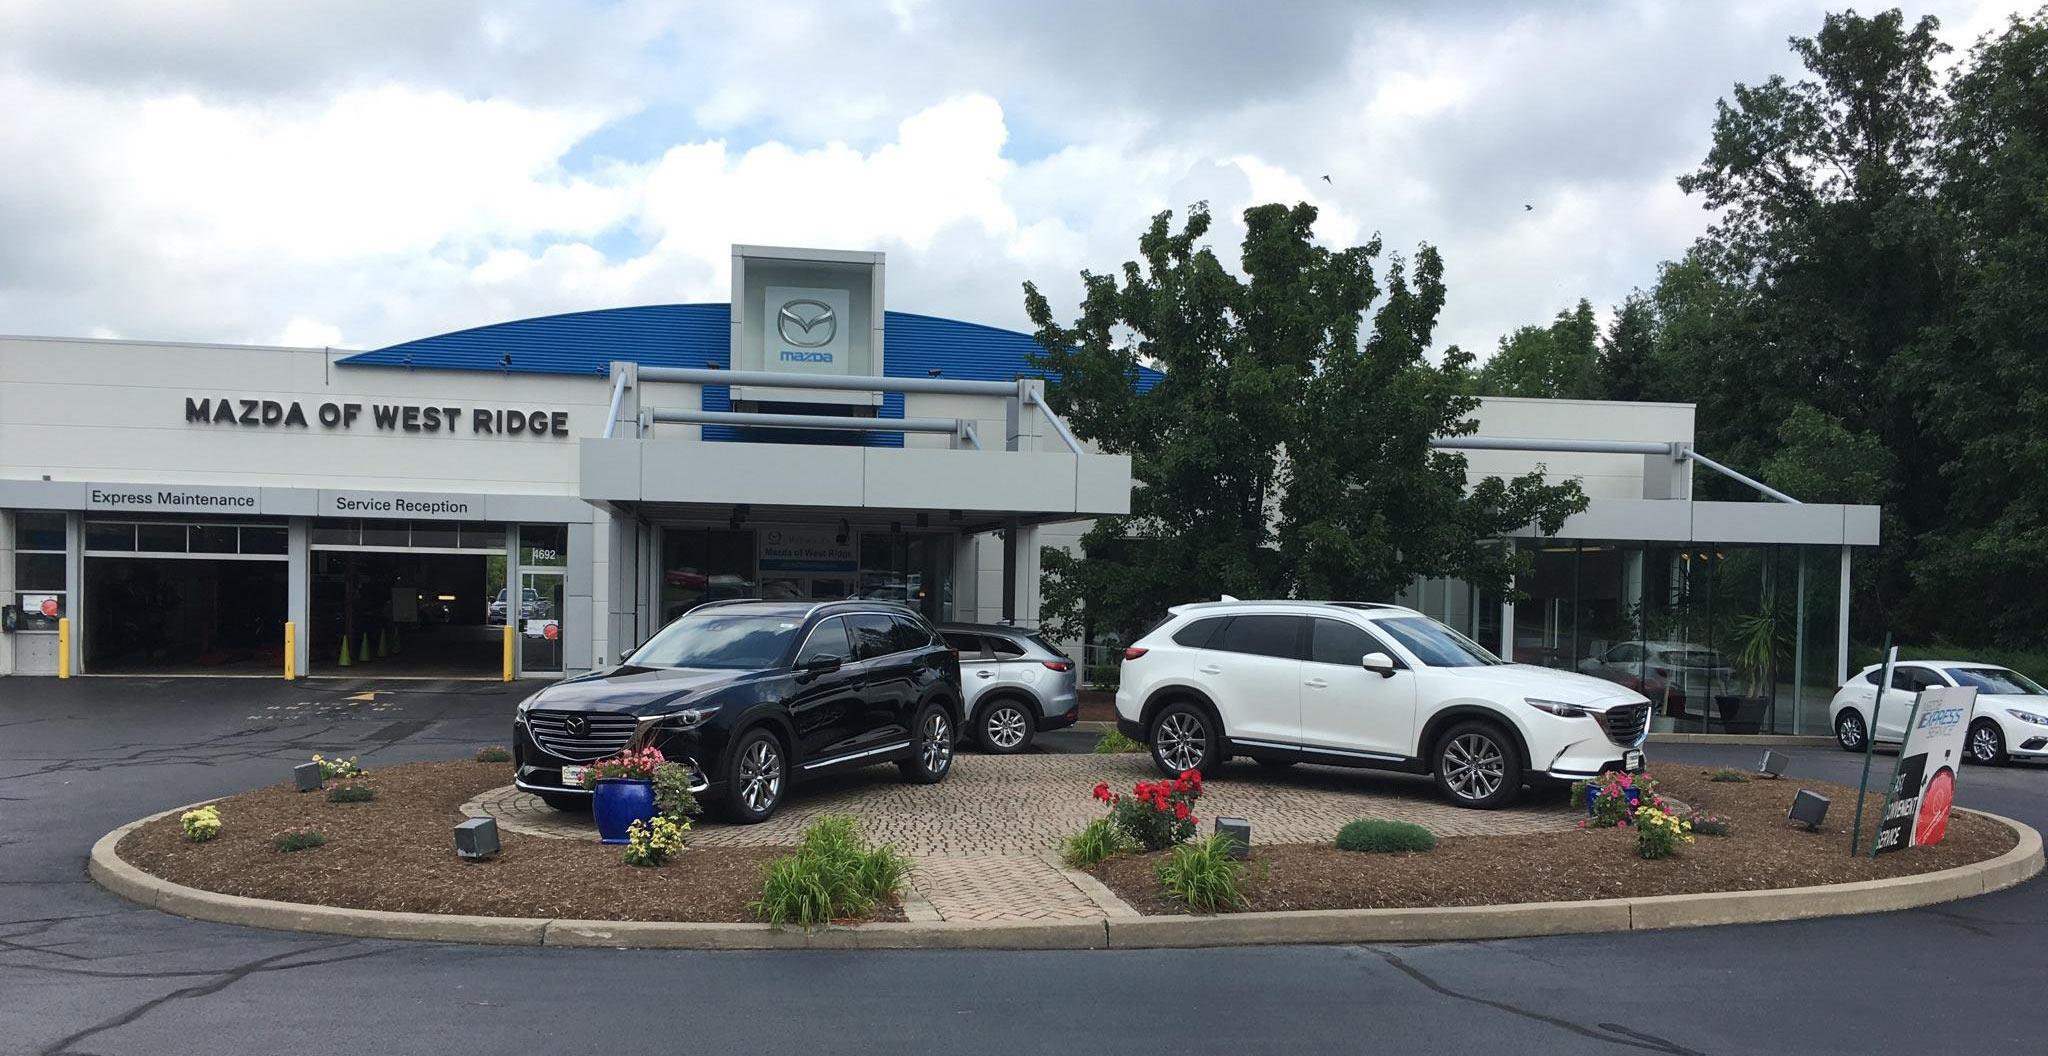 Mazda Of West Ridge New Mazda Dealership In SPENCERPORT NY - Mazda dealership ny